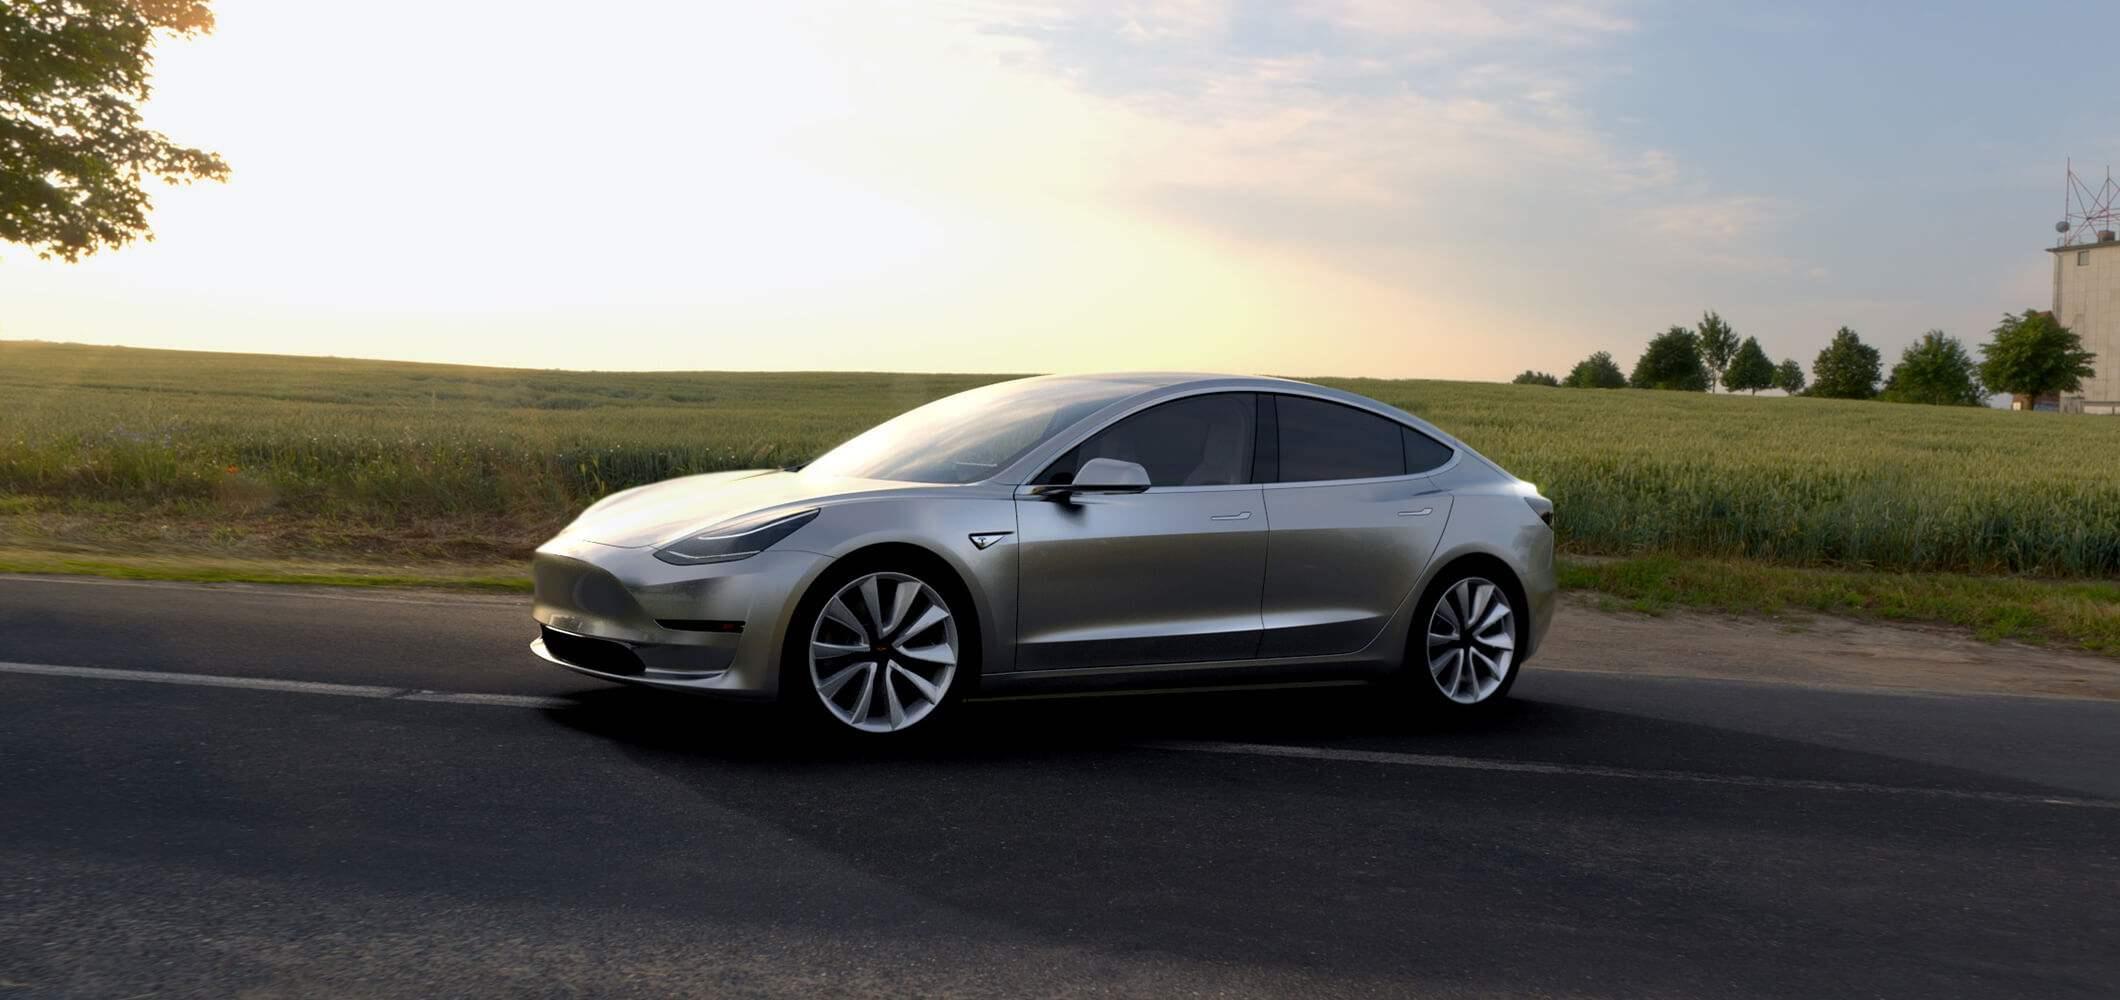 超6万人取消Model 3预订 马斯克很淡定